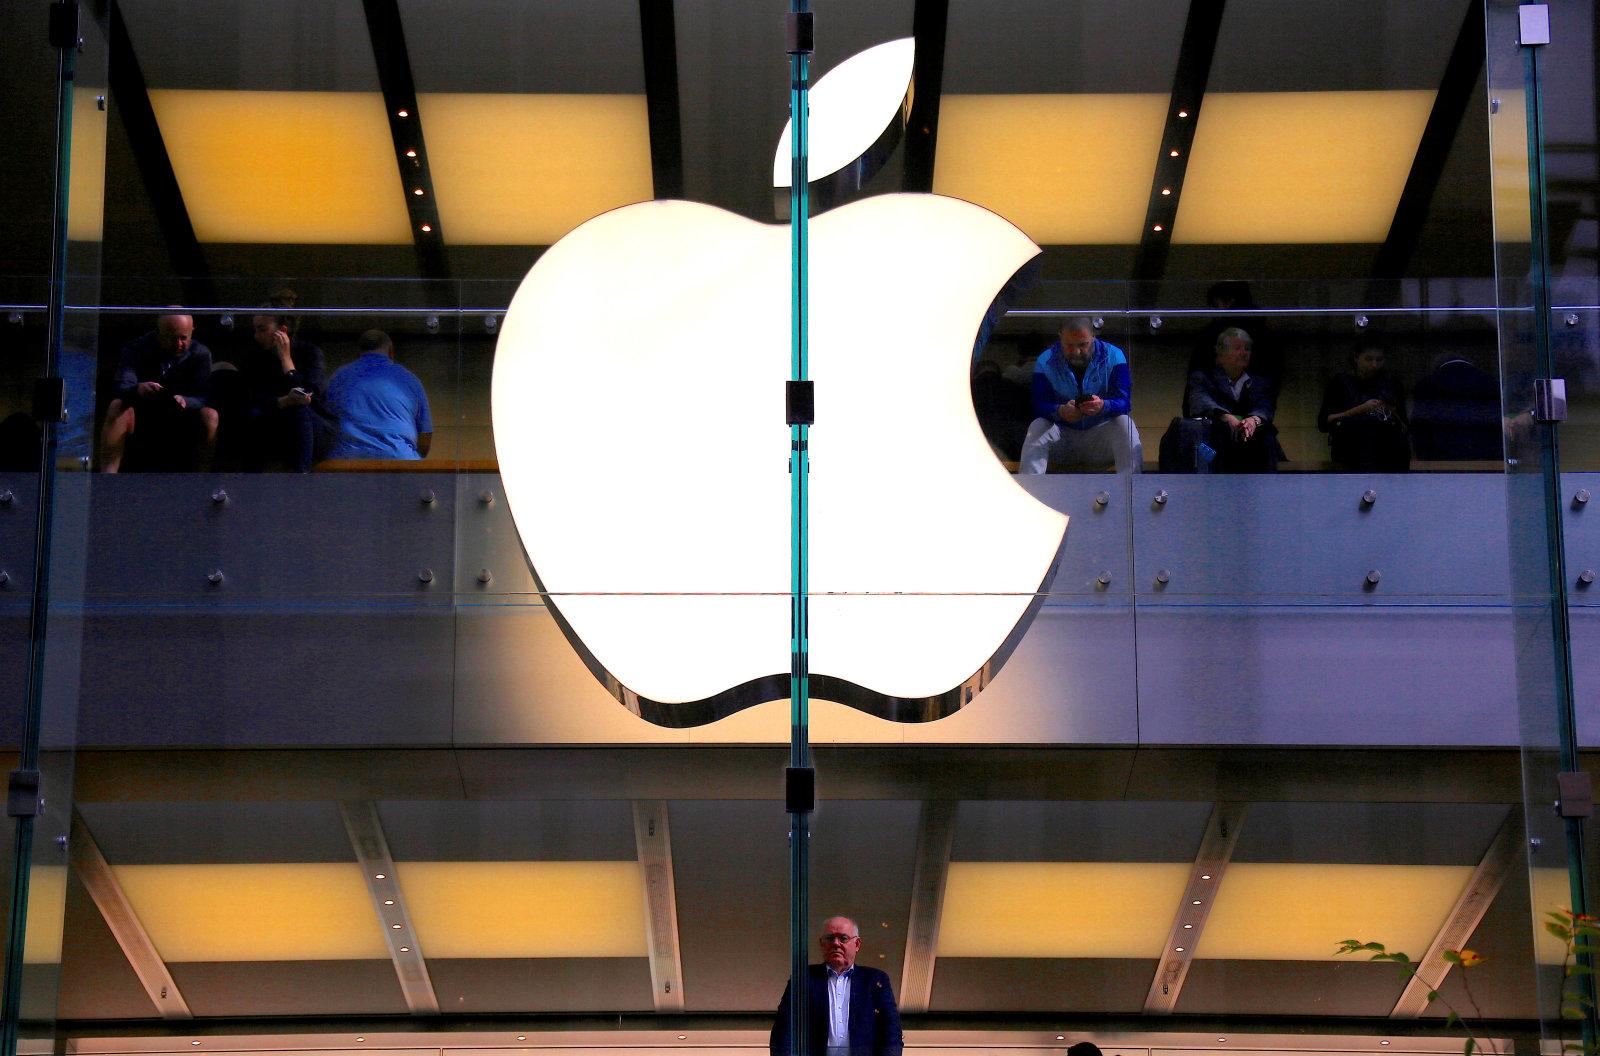 هک شدن ۹۰ گیگ از اطلاعات مهم اپل توسط یک نوجوان استرالیایی!